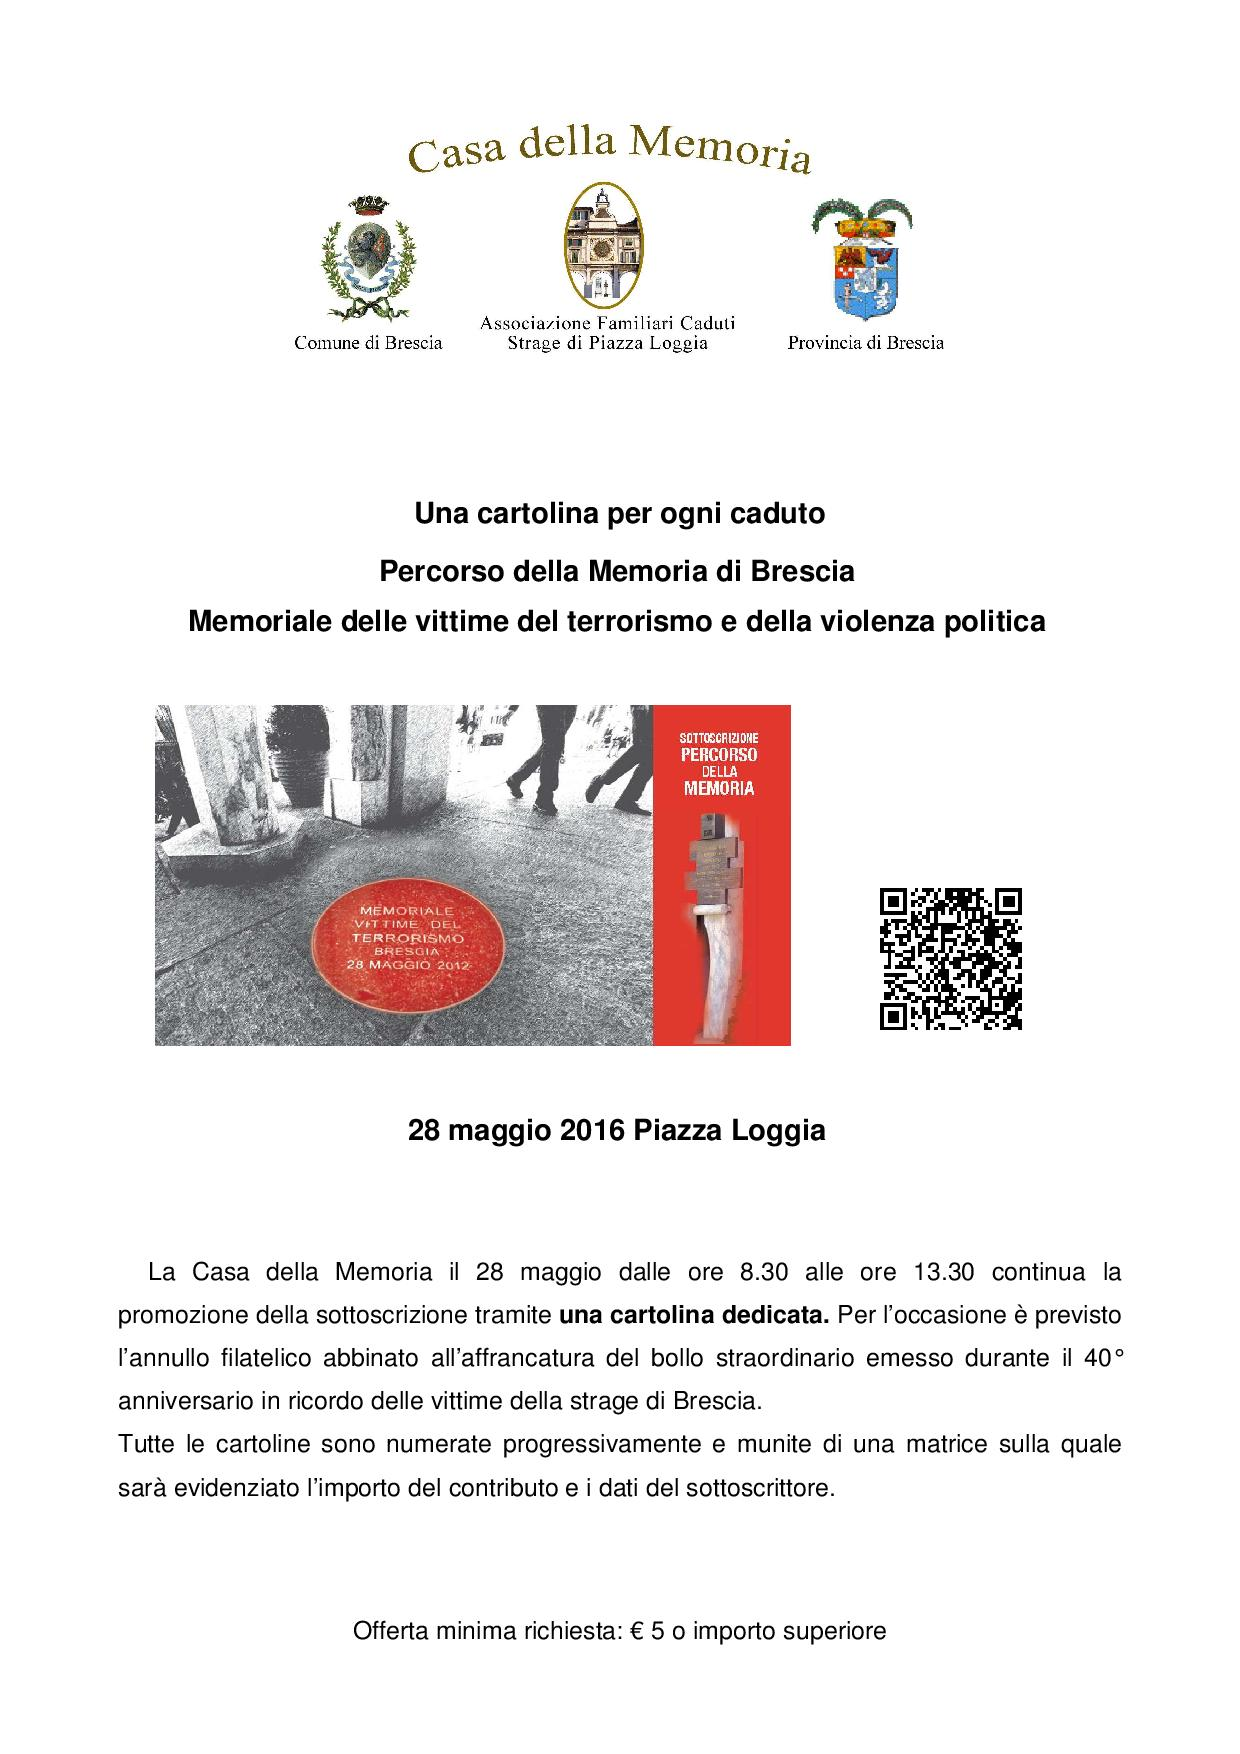 promozione cartolina e annullo 2016-page-001